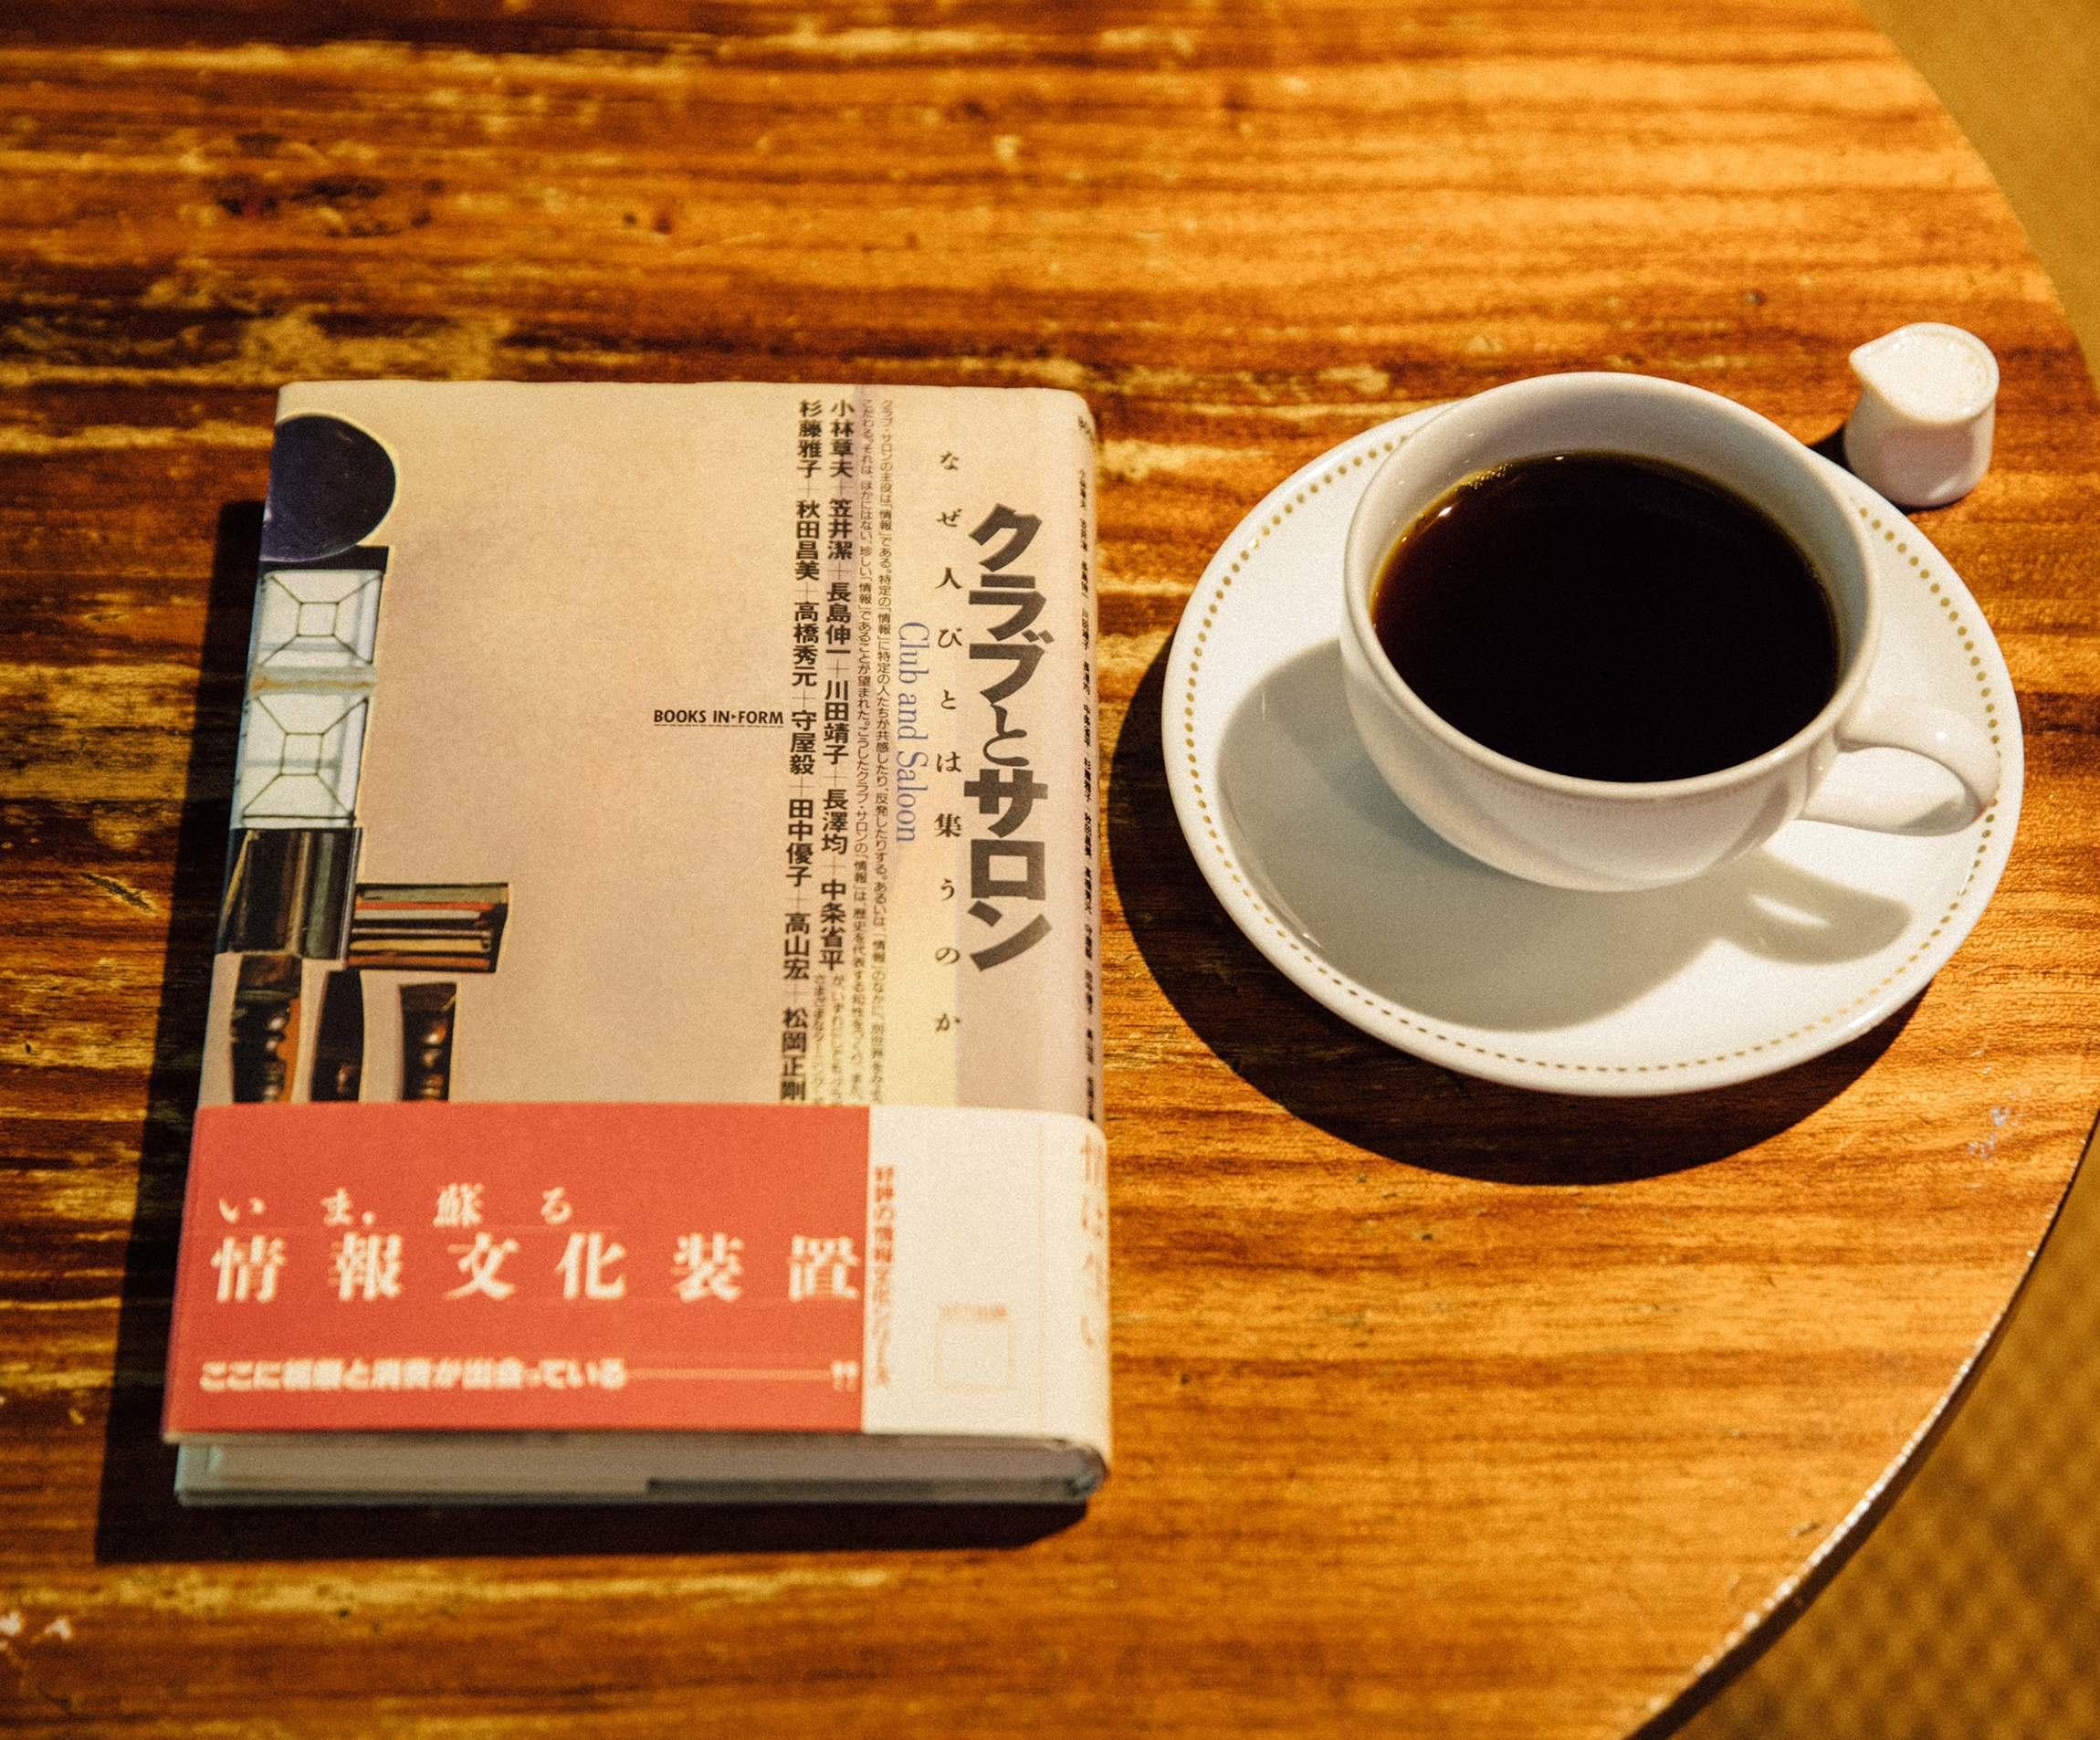 クラブという名の魅惑 古書と喫茶 古書と喫茶 公式 Dancyu